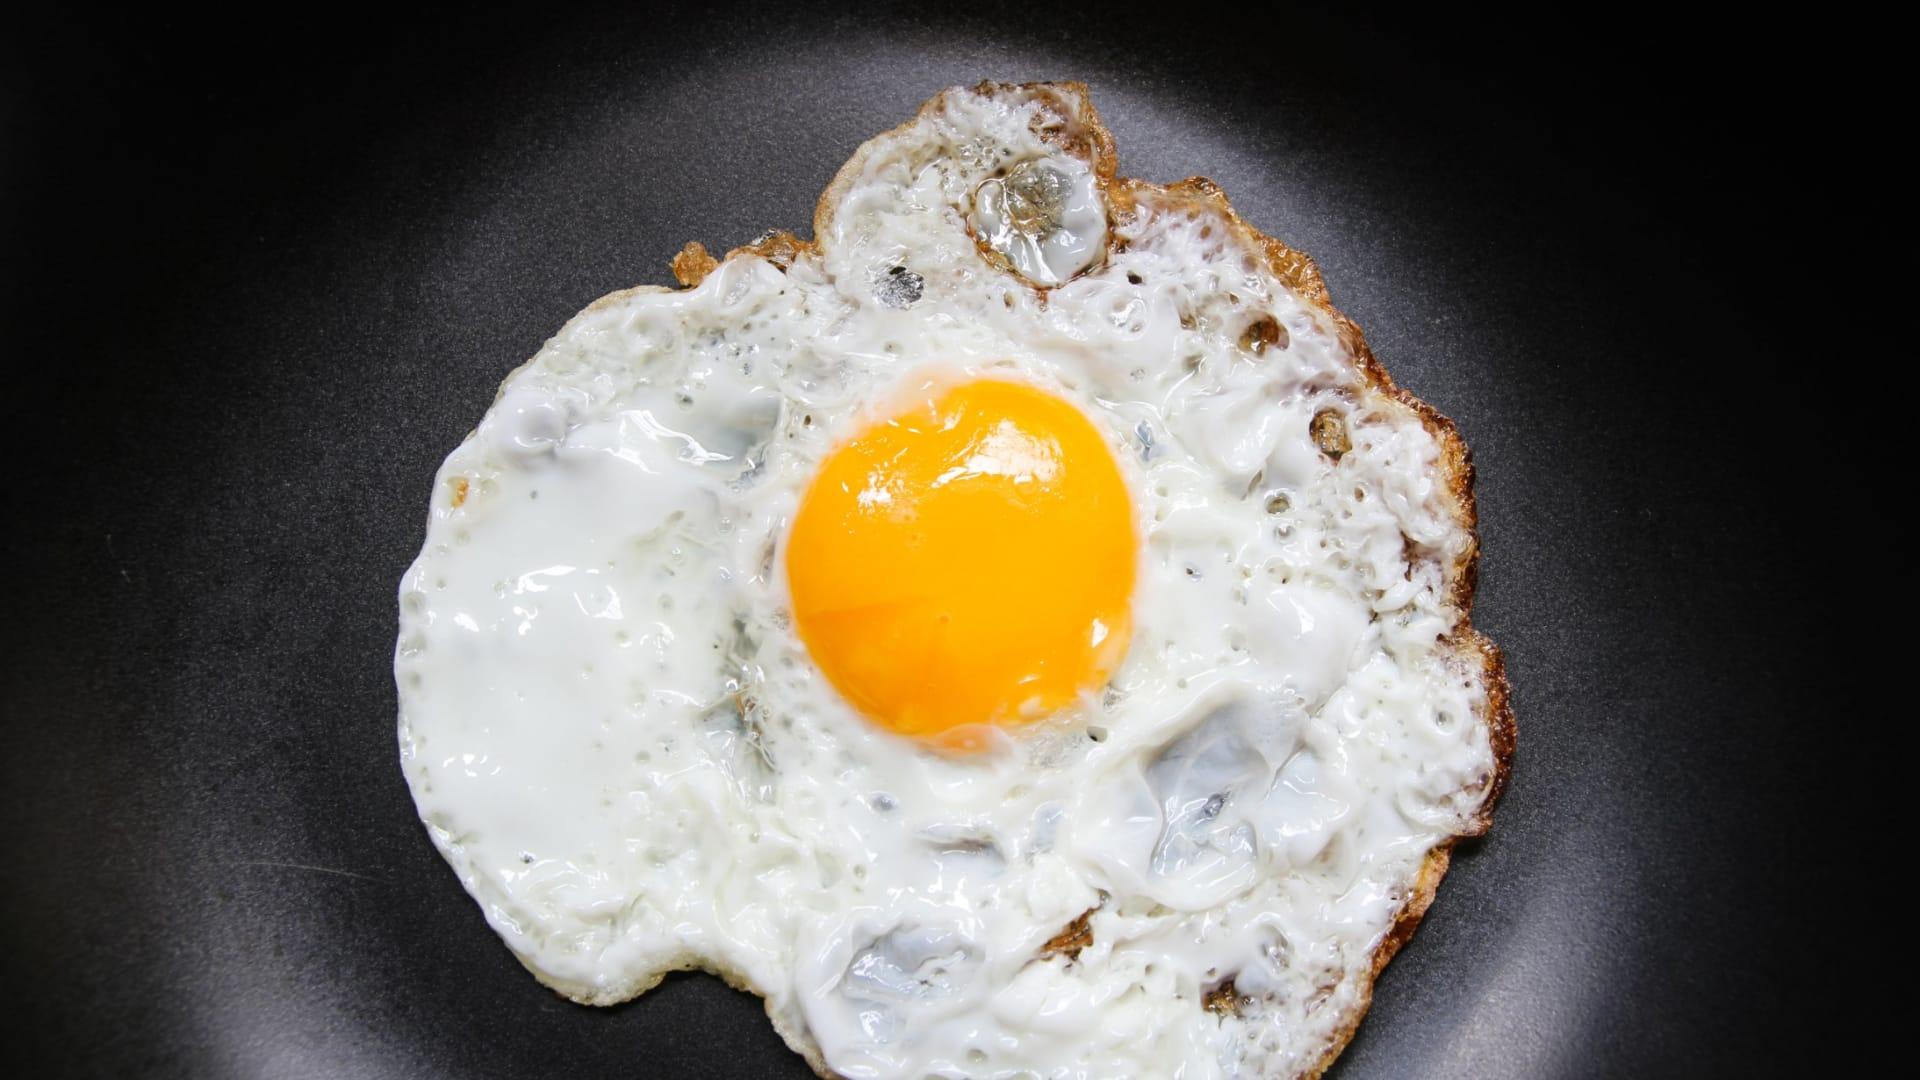 البيض جيد أم لا؟ وما هي الآثار الصحية المرتبطة بتناوله؟